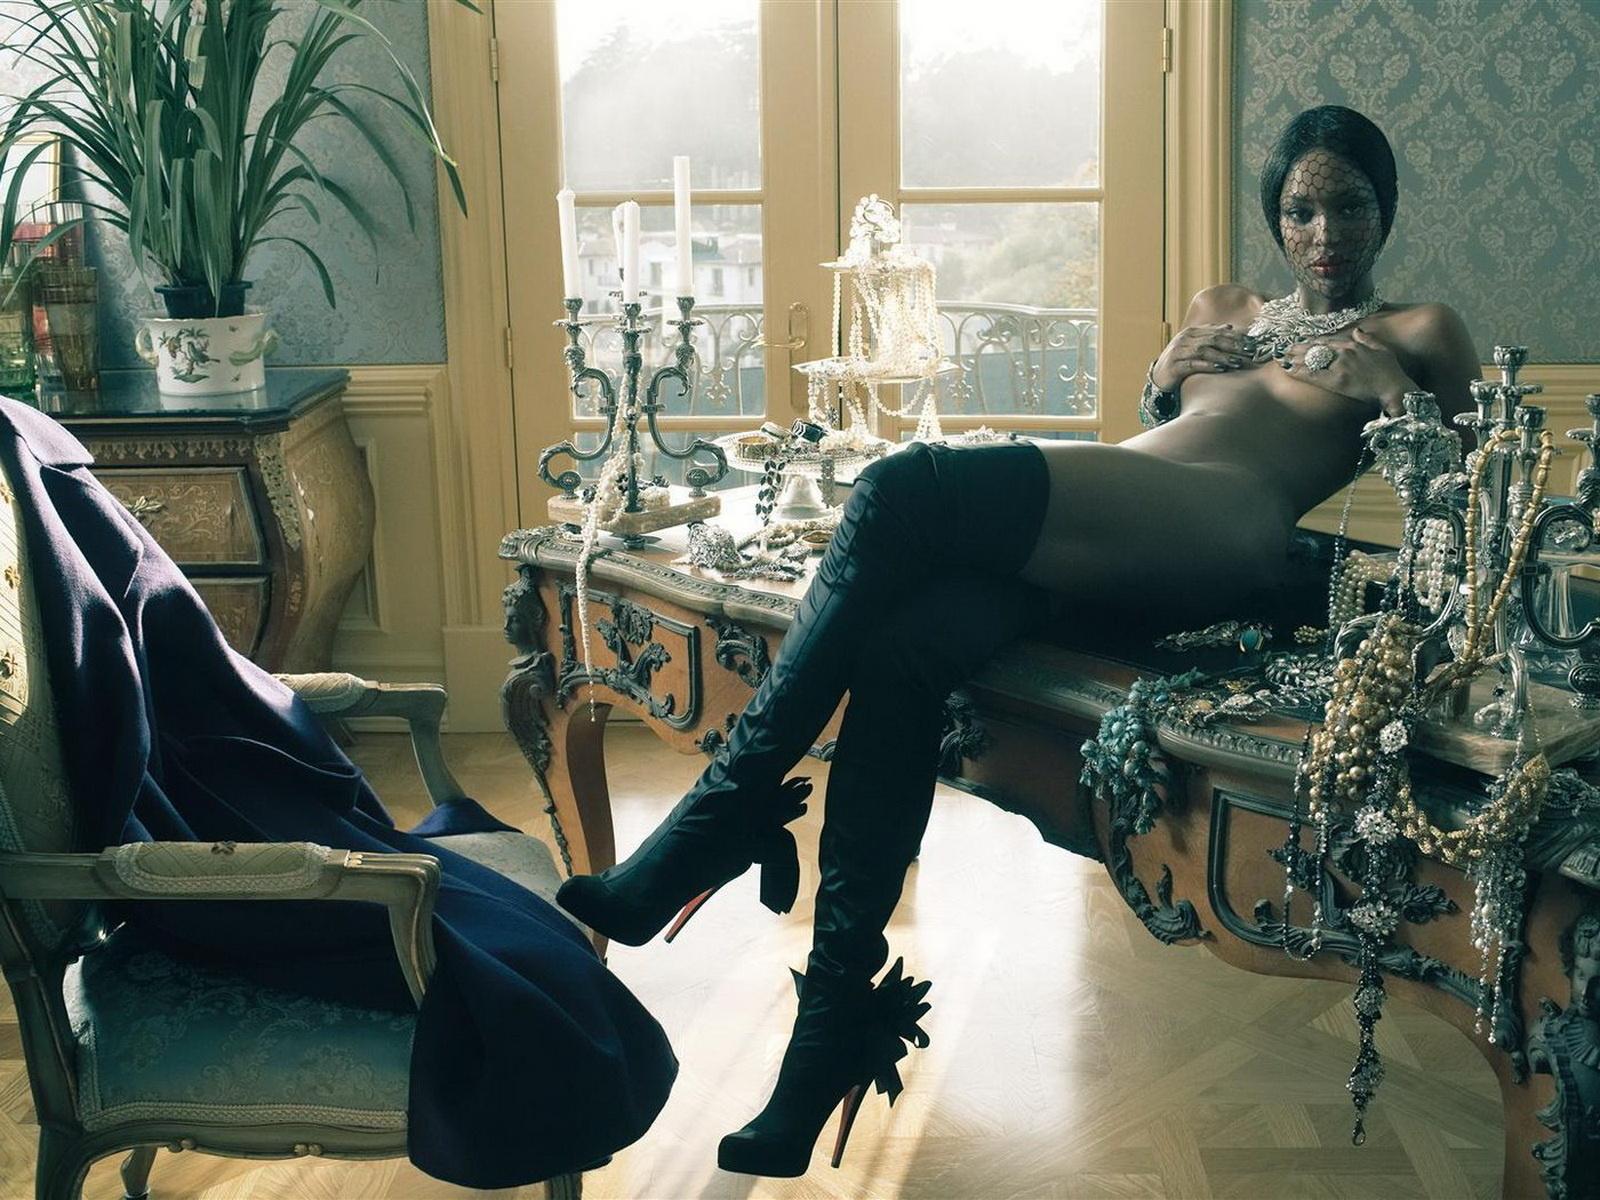 Черная госпожа фото 8 фотография